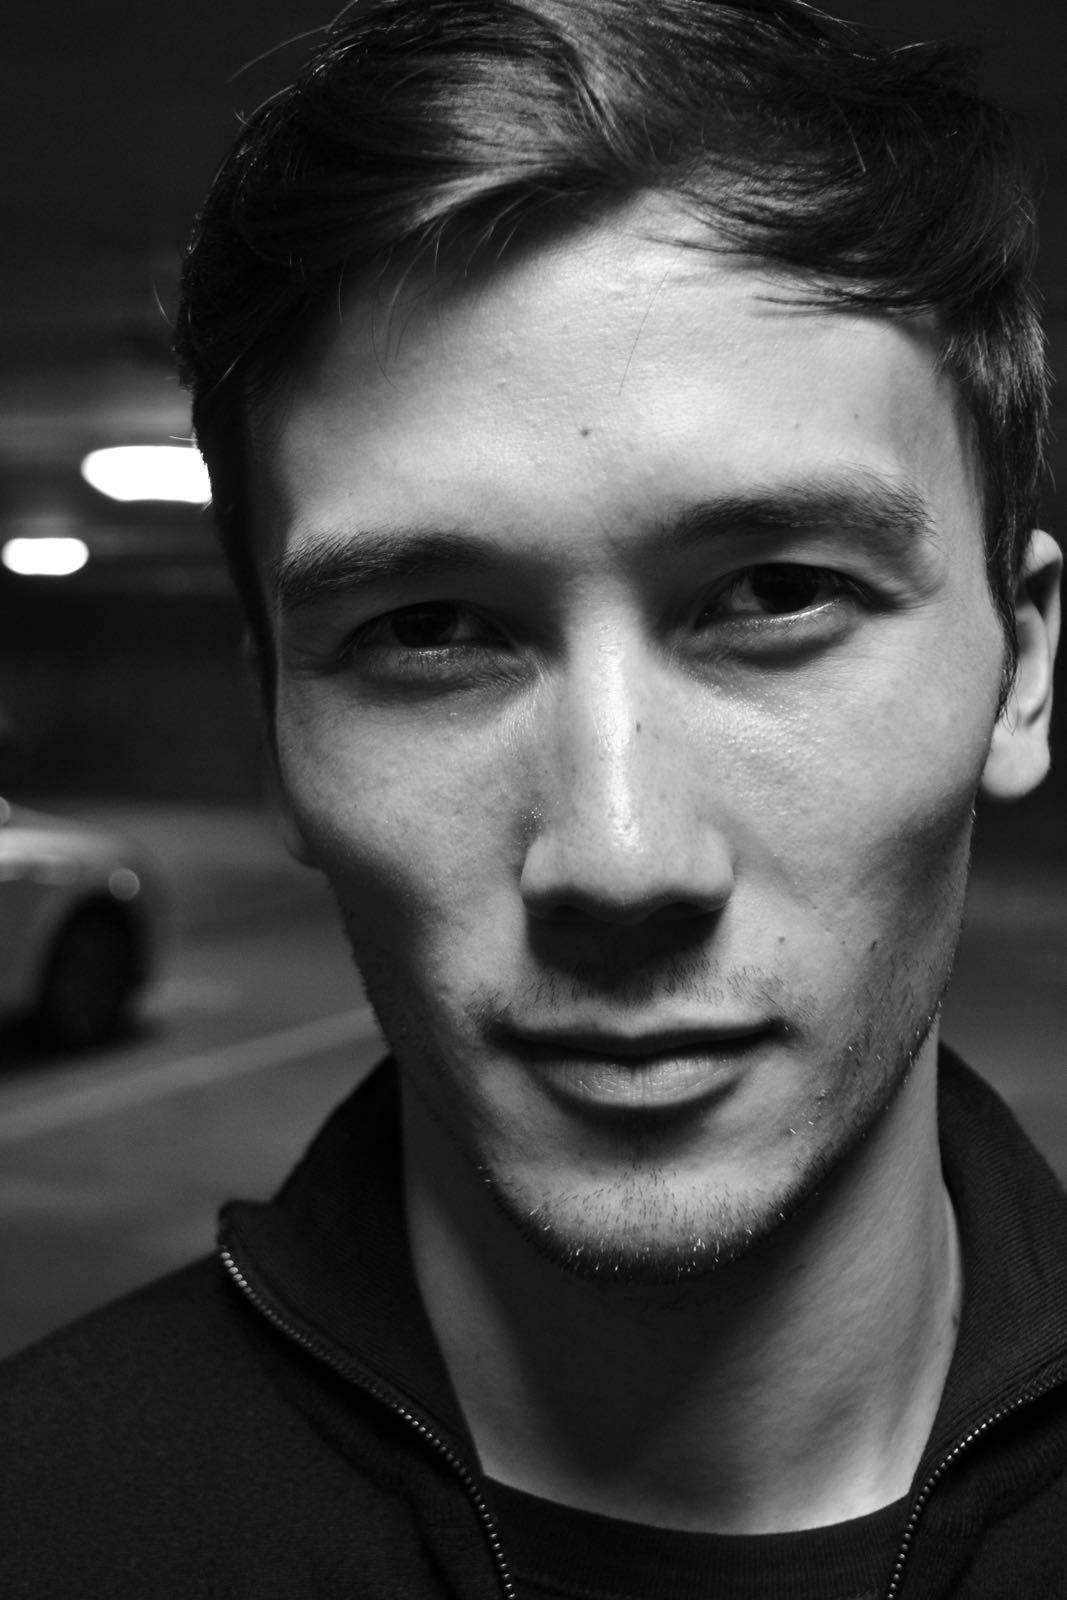 James Pett: Photo by Yanik Allard